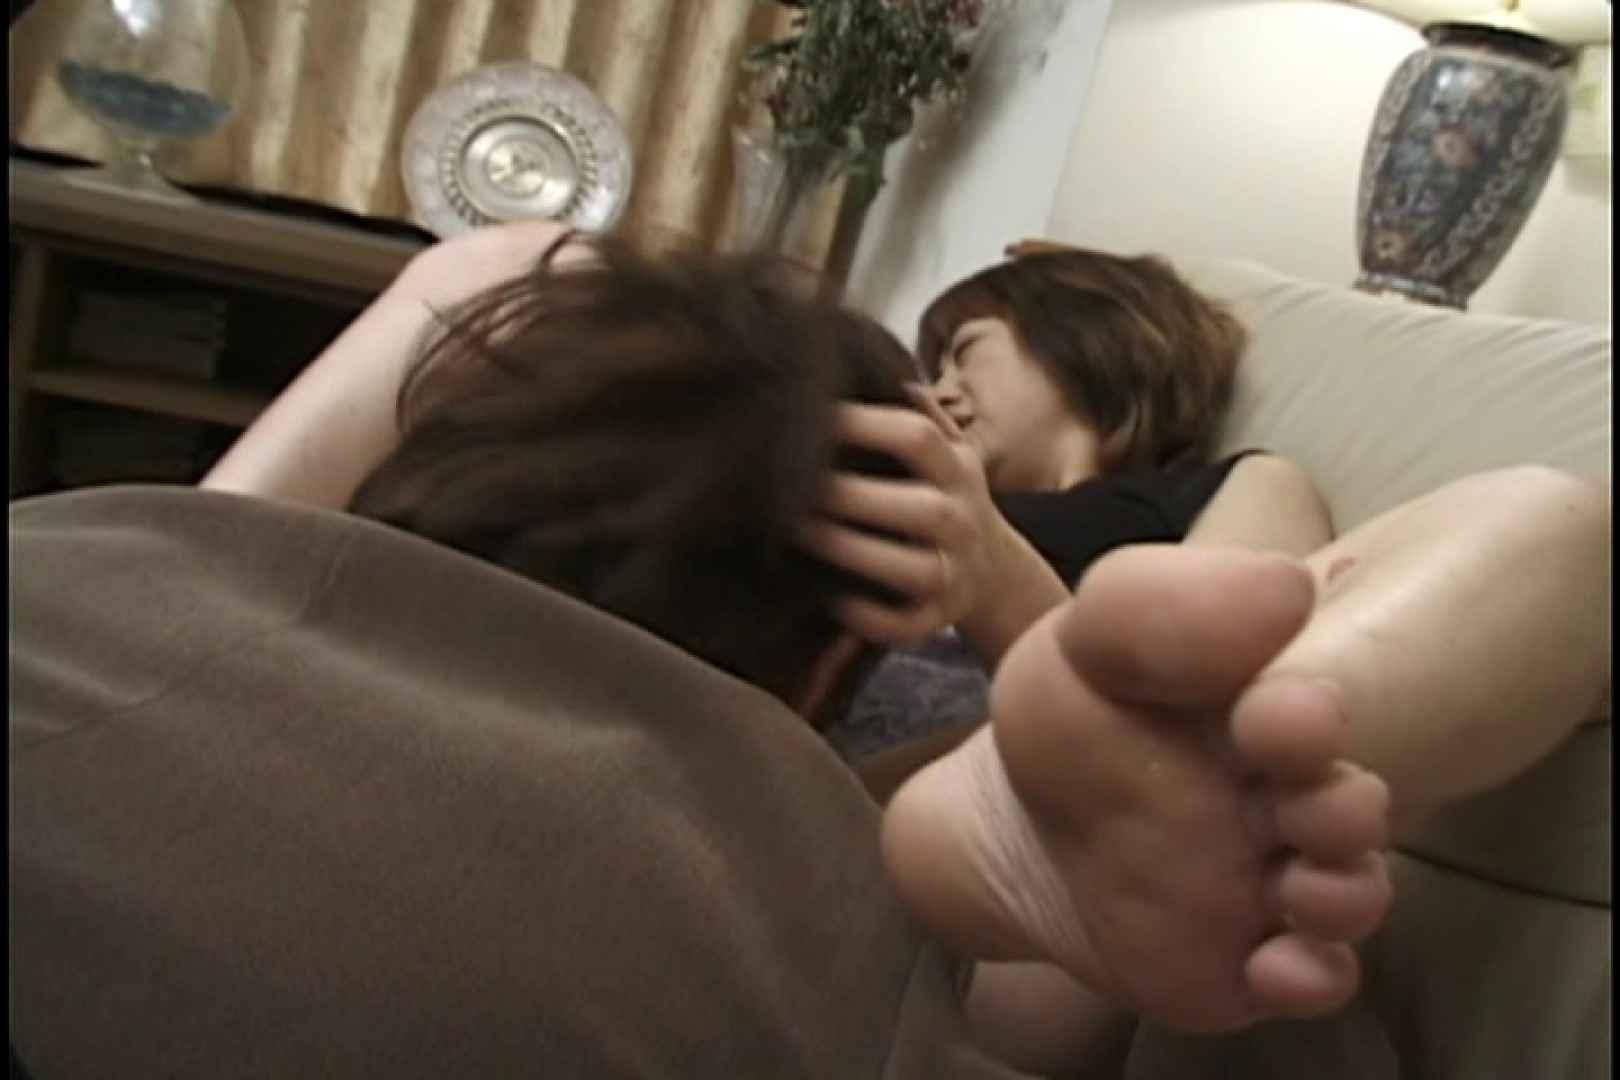 昼間の奥様は欲求不満 ~石川麻紀~ 熟女 | マンコ特集  65連発 61